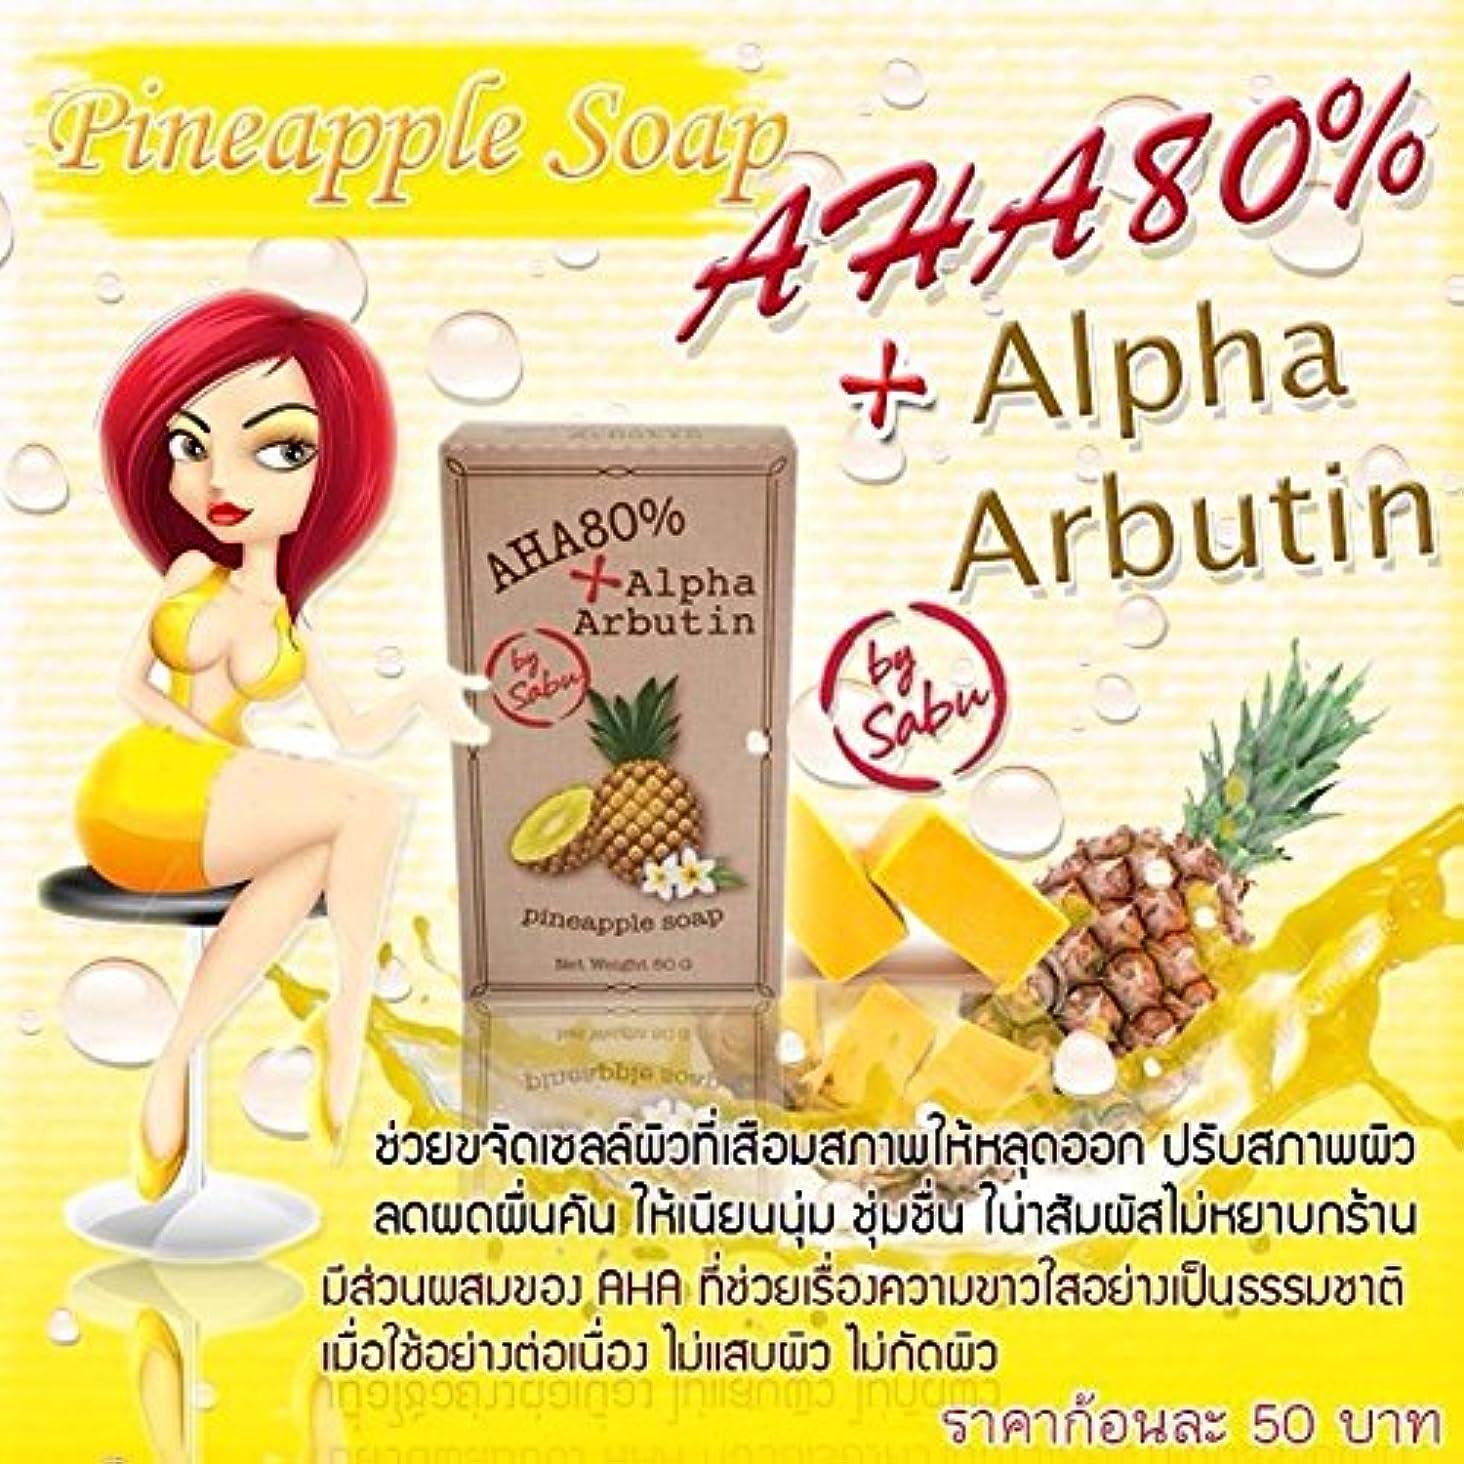 慣習ガイダンスリーダーシップ1 X Natural Herbal Whitening Soap.Alpha-Arbutin Pineapple AHA 80%. The skin whitening process is rapid. 80 g....